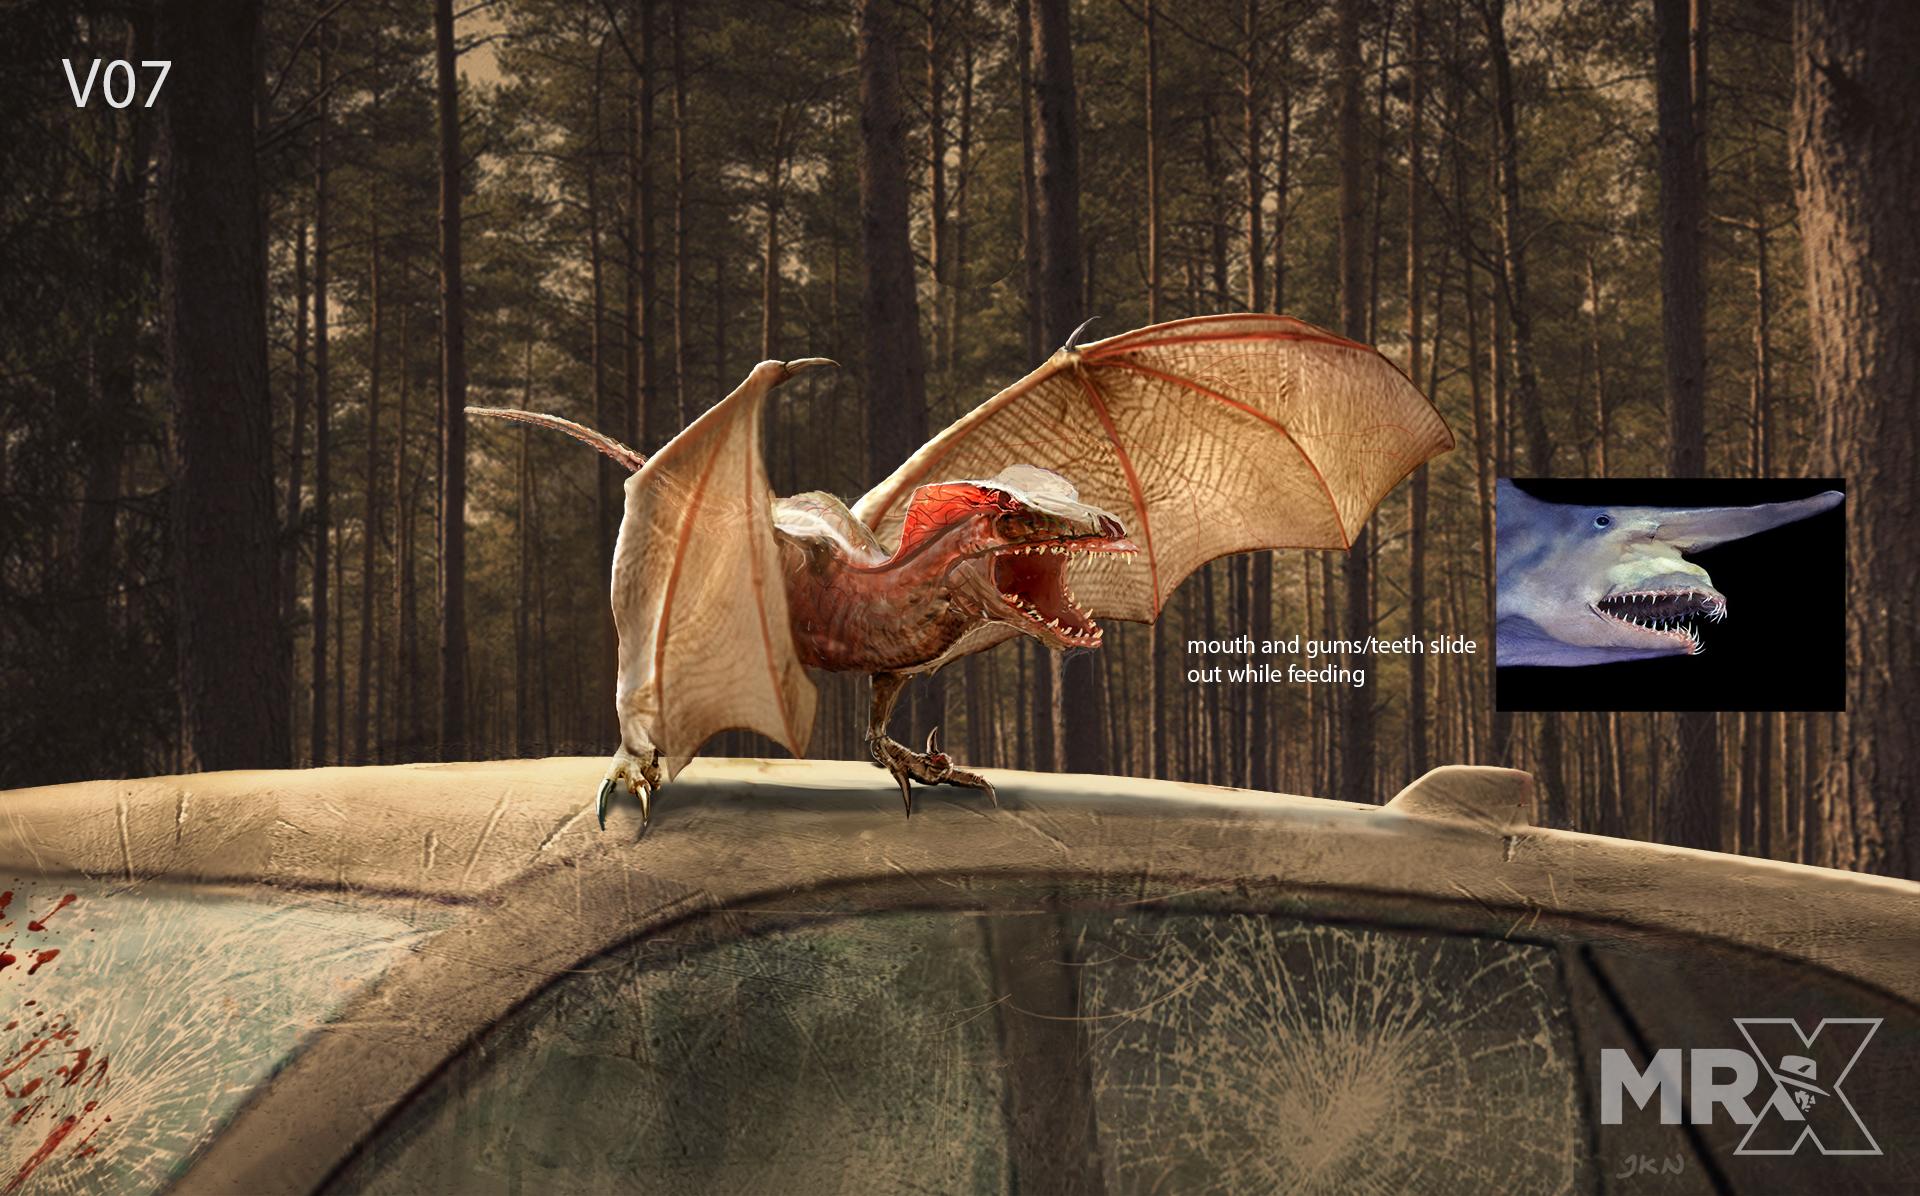 sil_VESP_reptilian_concept_v007.jpg